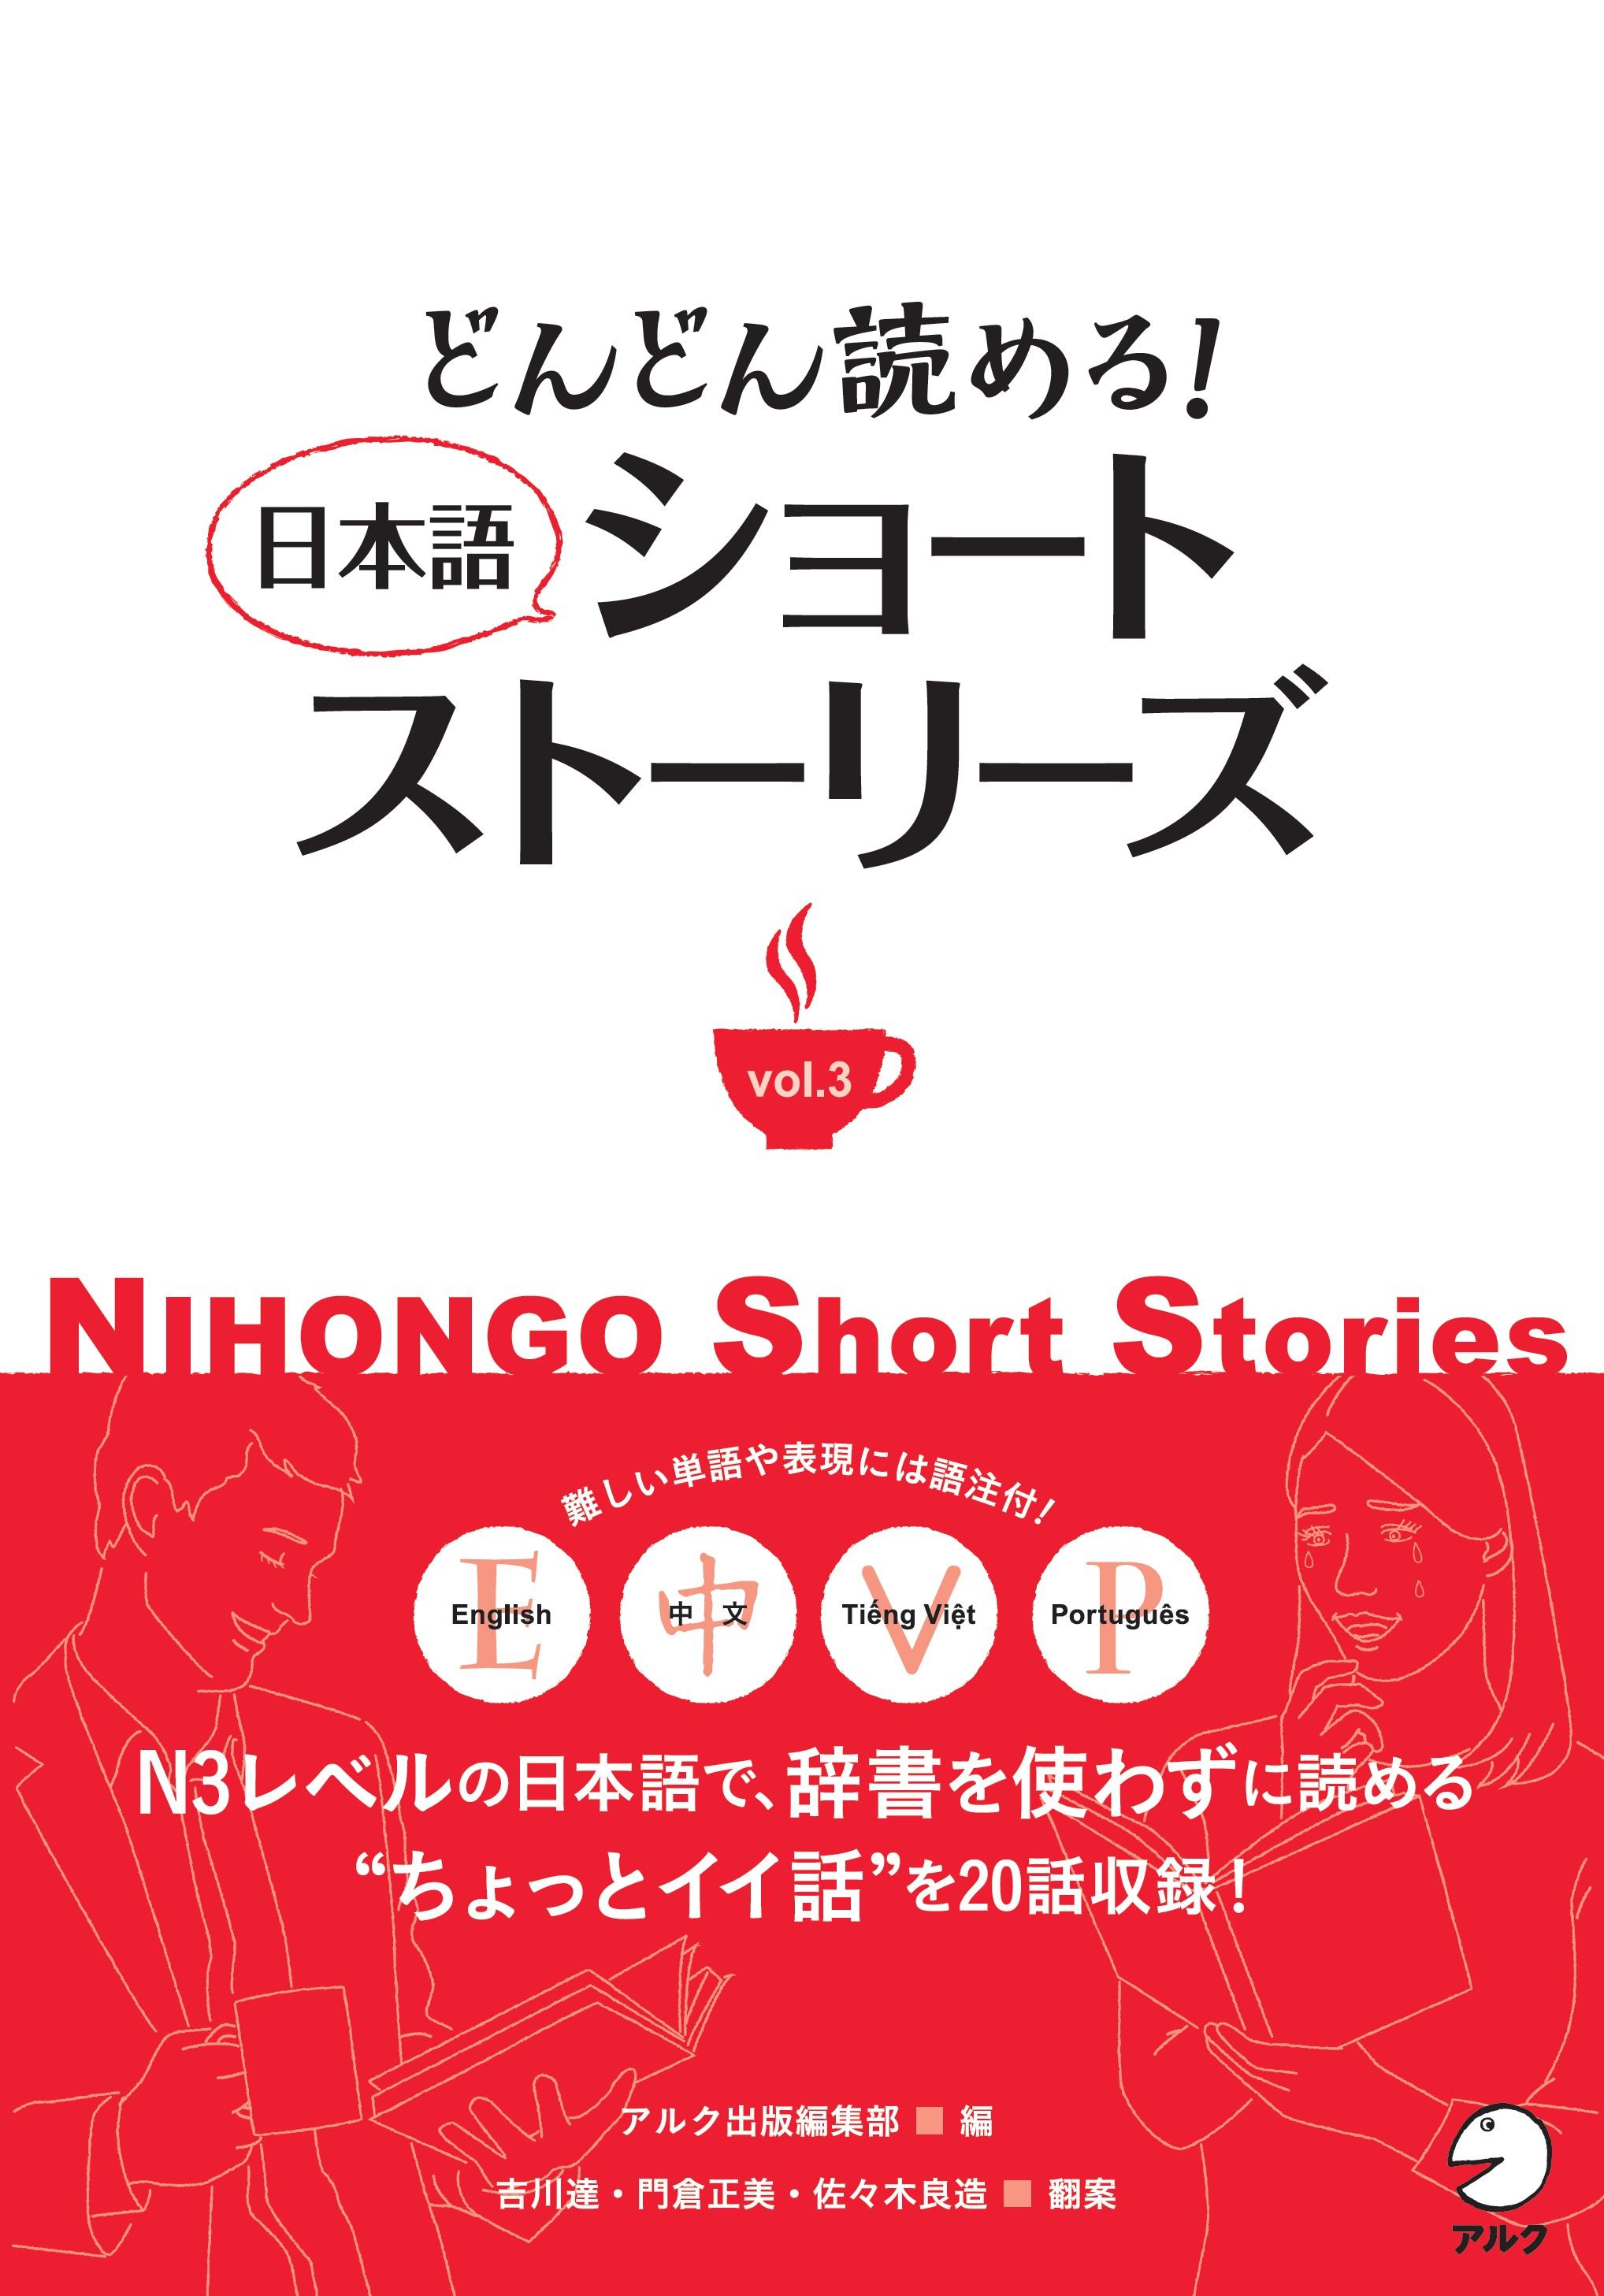 どんどん読める! 日本語ショートストーリーズ vol.3画像